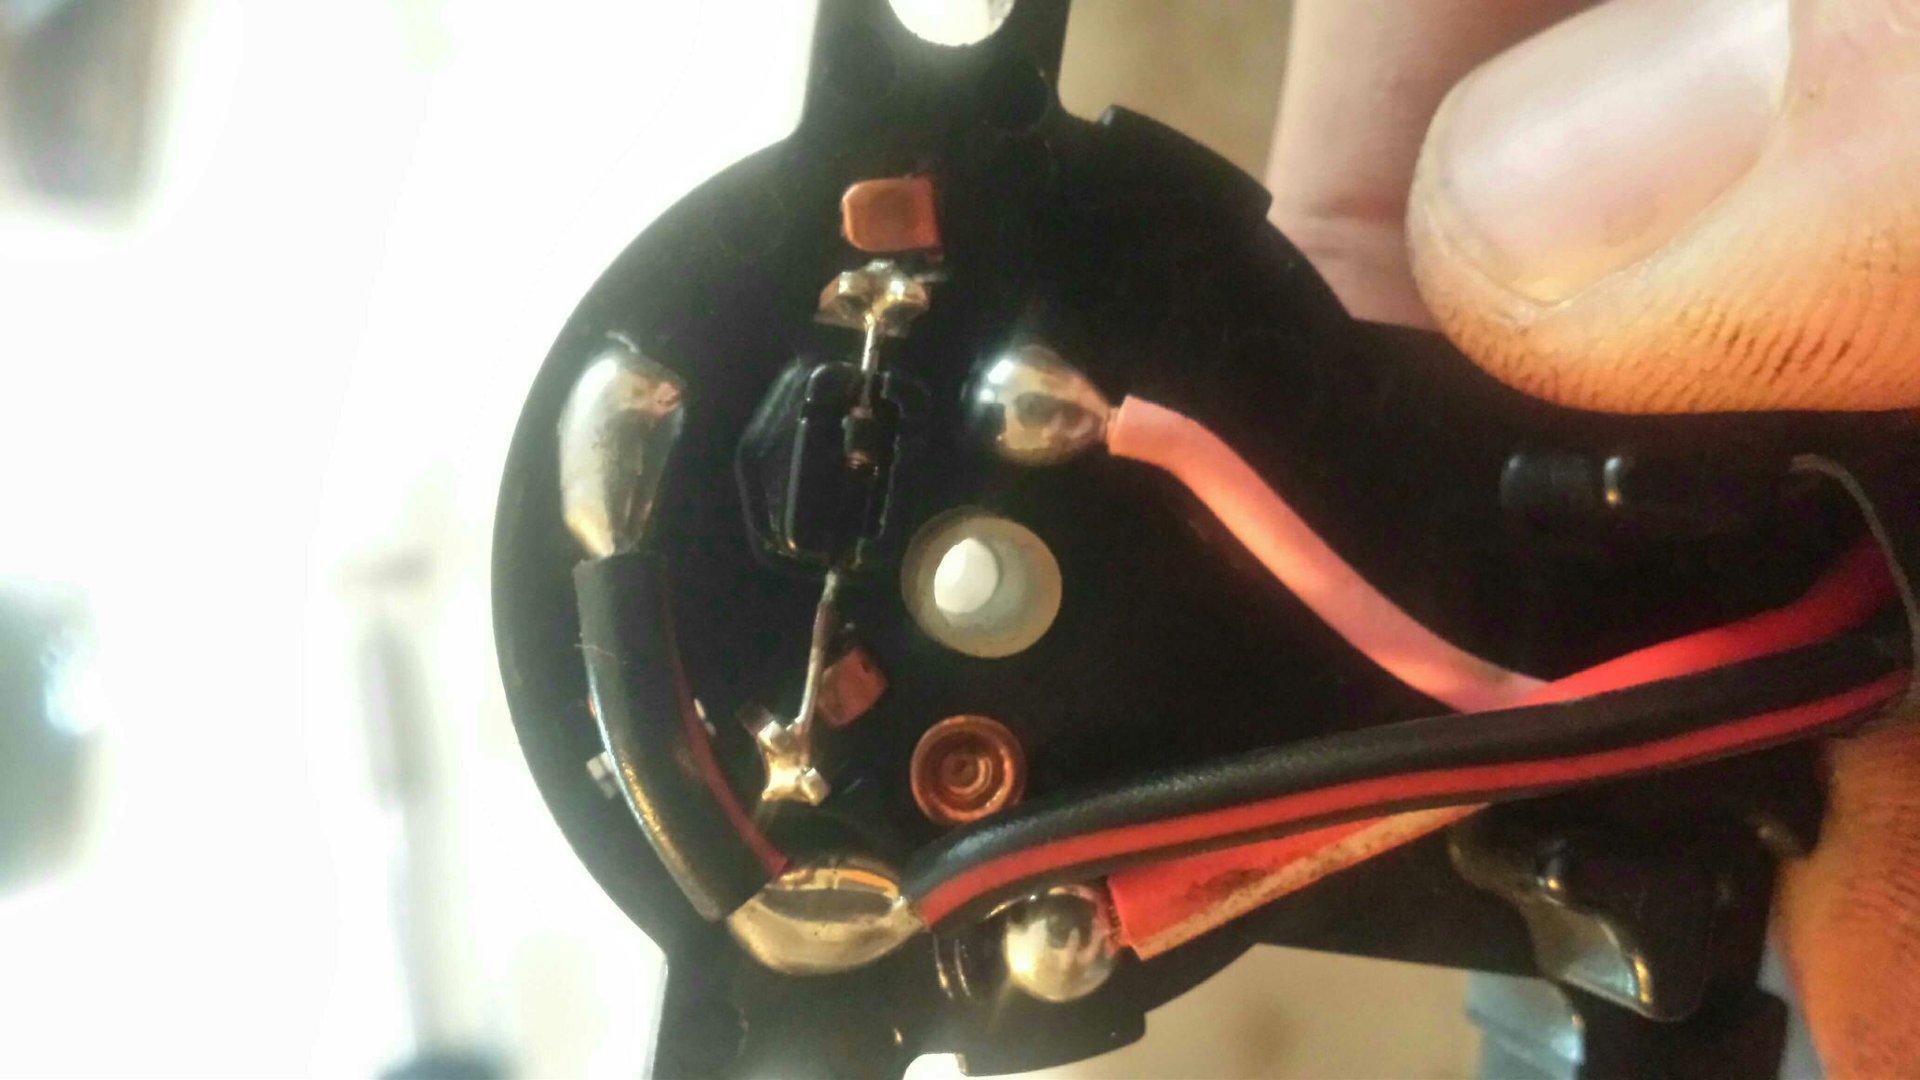 CBR250R build help, pretty please! | Yamaha R1 Forum: YZF-R1